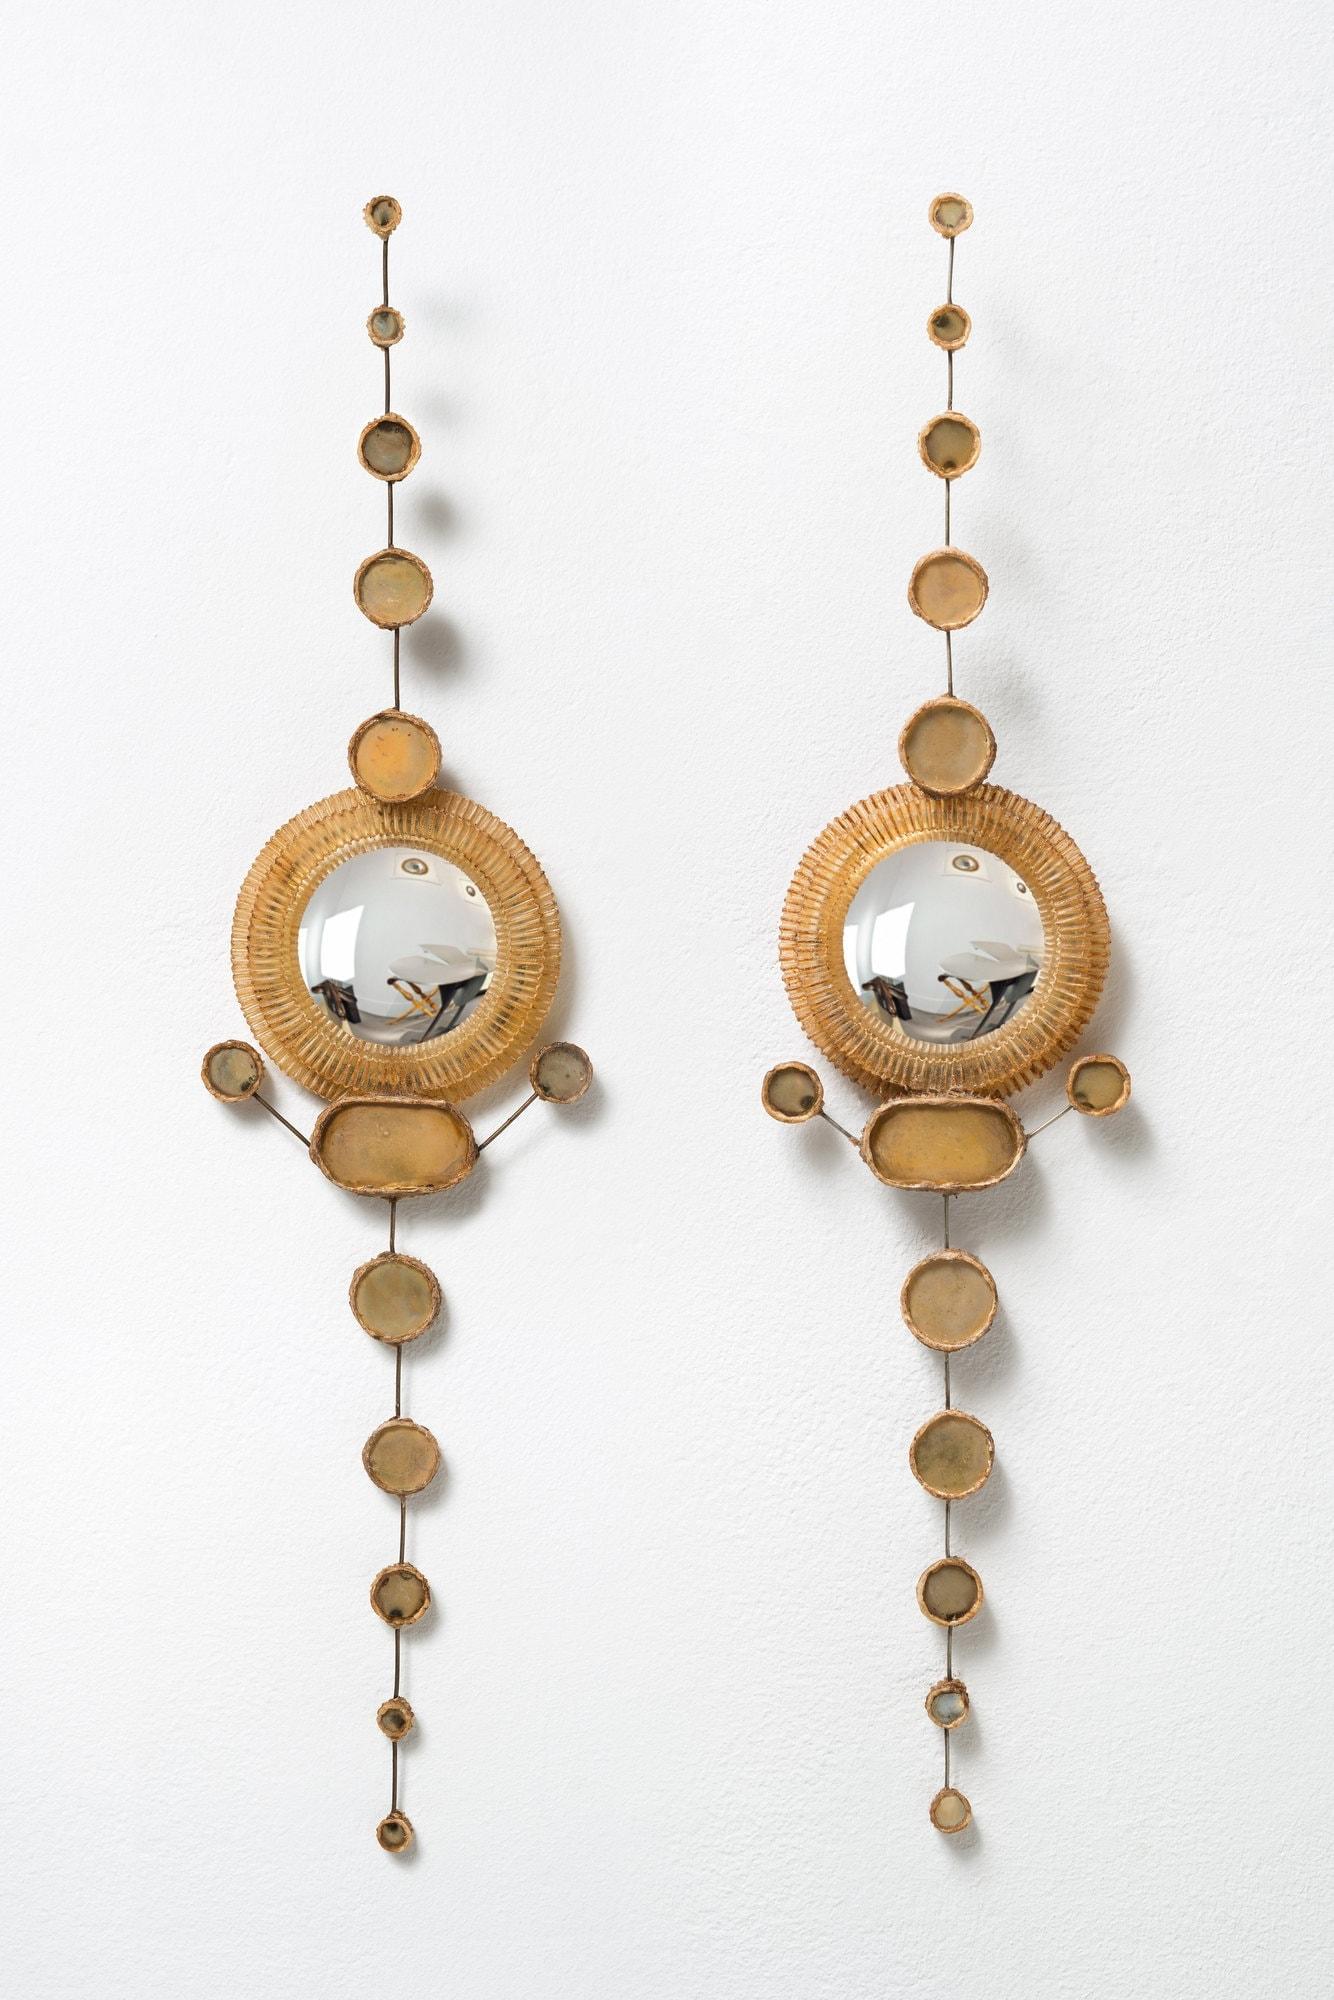 Line Vautrin, Rare paire de miroirs (vendue), vue 01